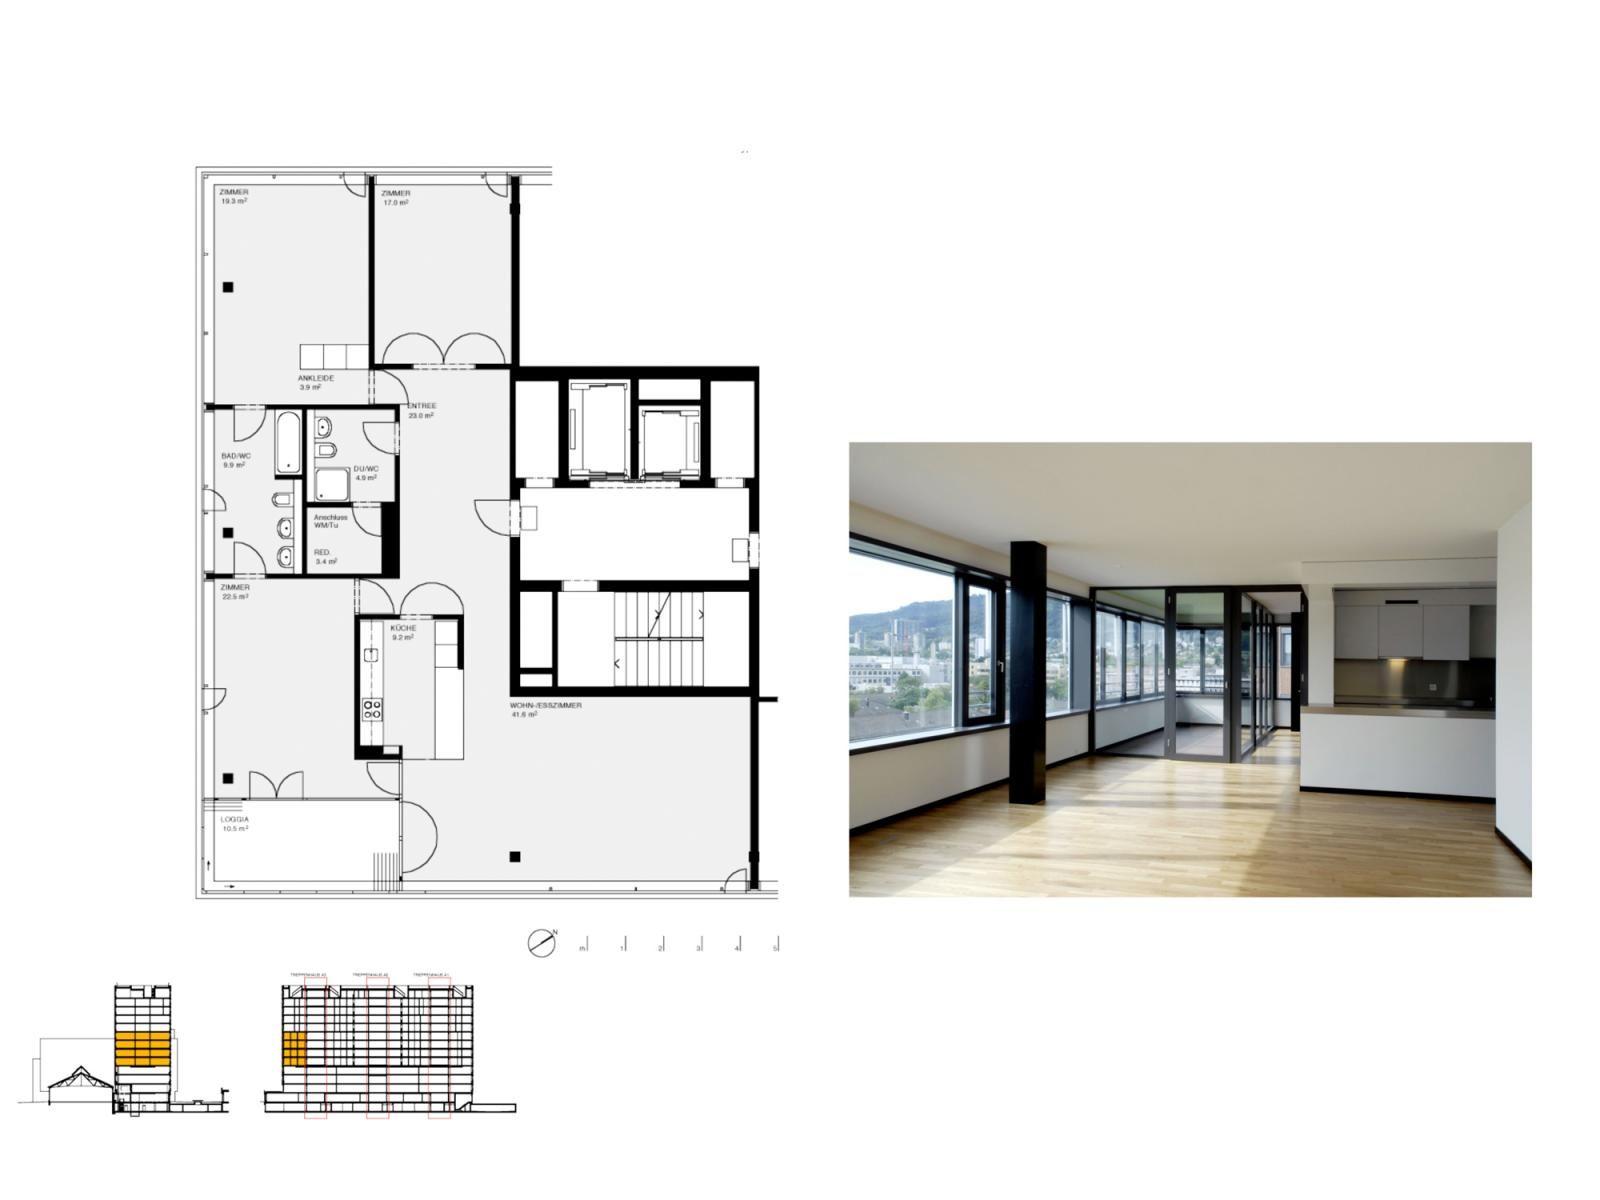 Wohn und geschaftsuberbauung james zurich gmur geschwentner architektur bau berbauung - Gmur architekten ...